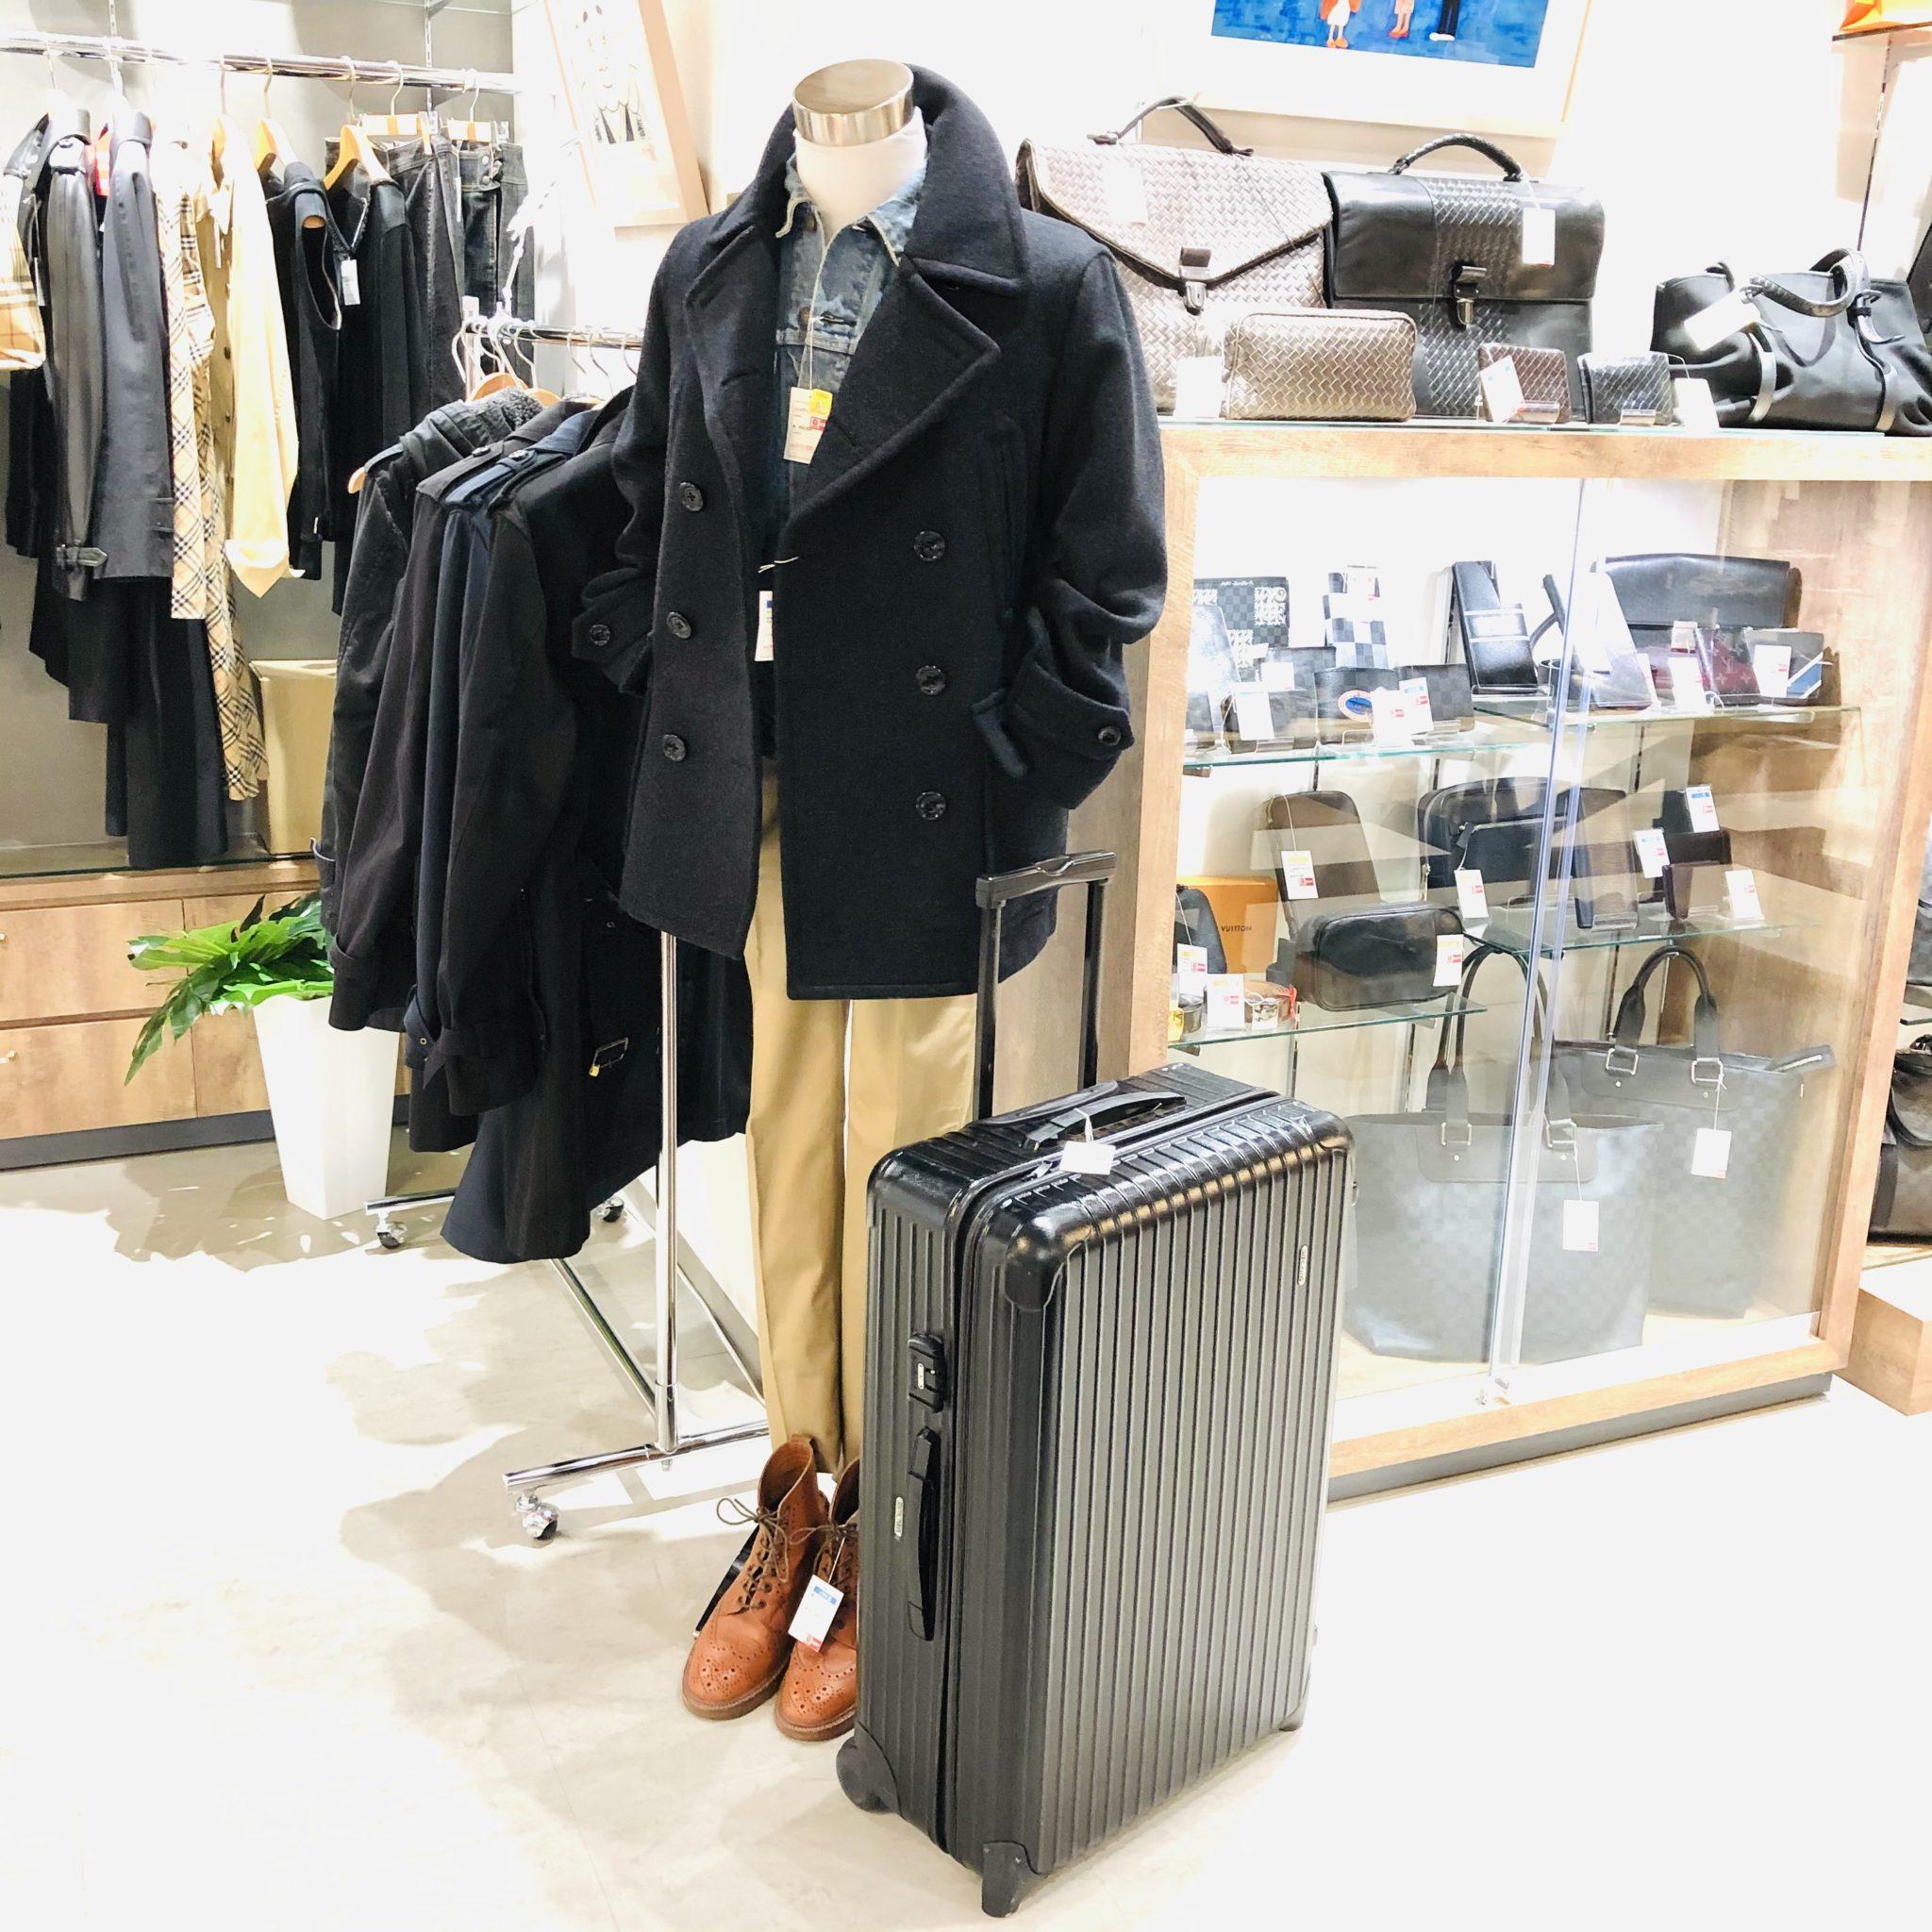 【中古 販売 盛岡】秋から冬のメンズファッションを楽しみませんか?